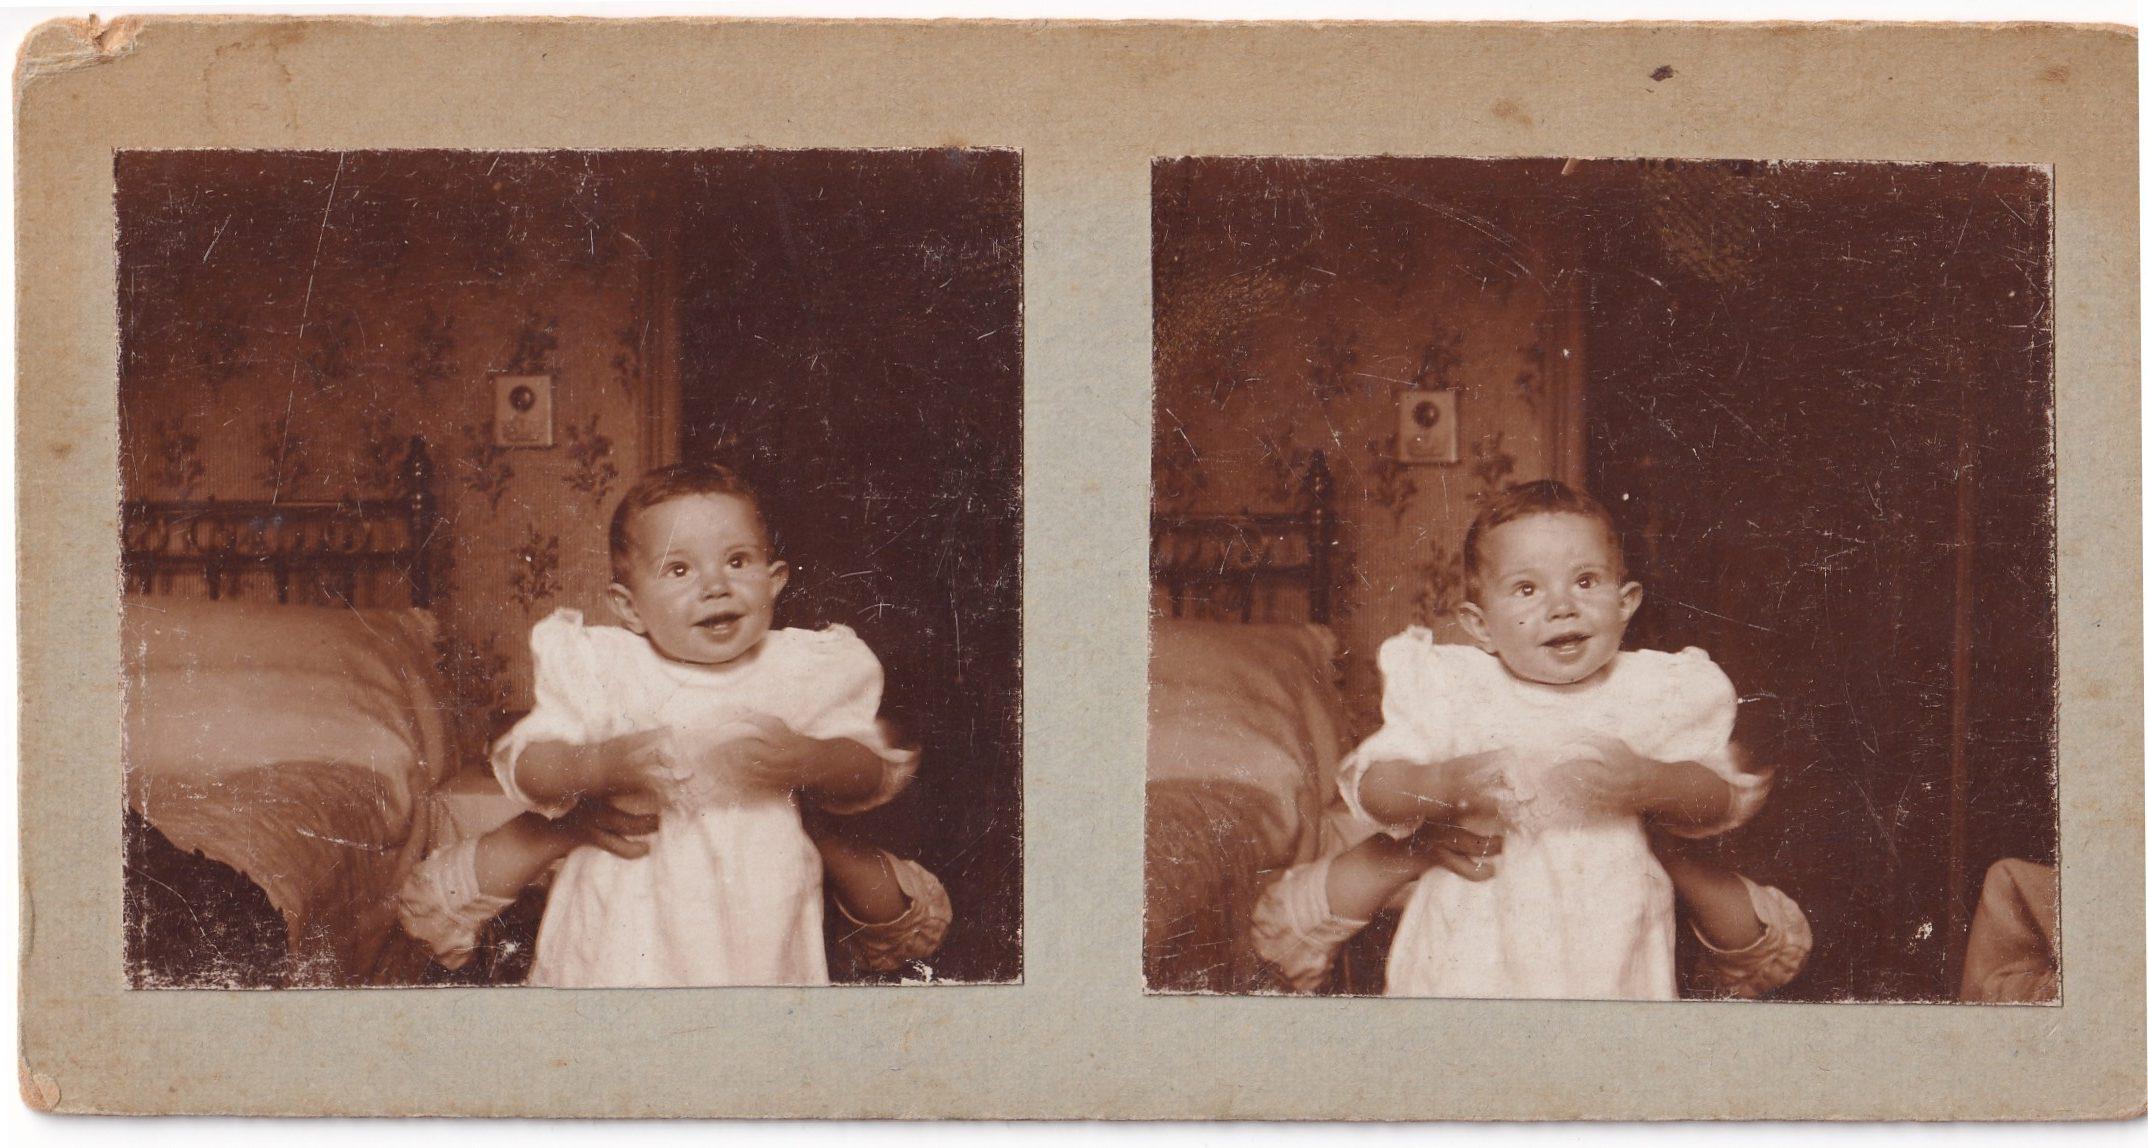 Pochette  Enfant tenu dans une chambre deux photos rotated